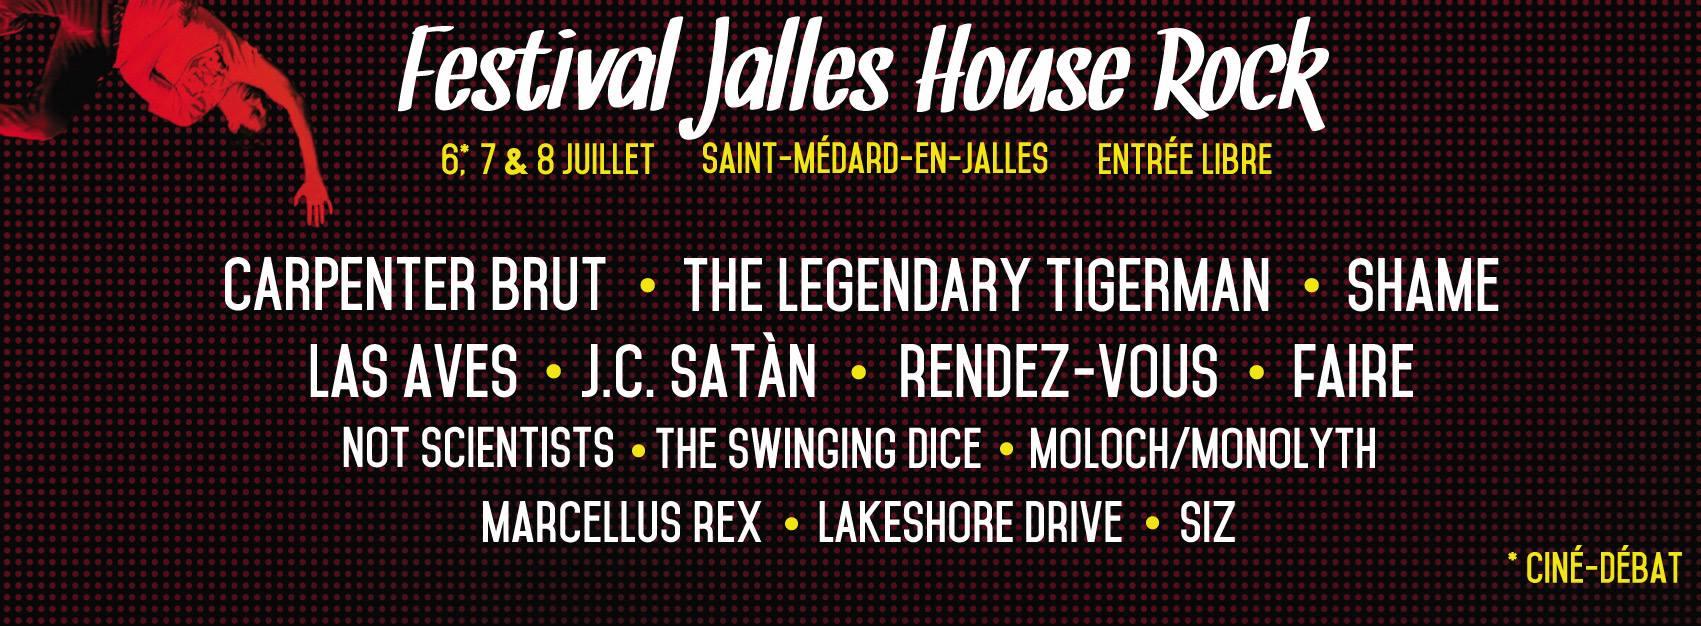 Programmation Festival Jalles House Rock 2017 sur Longueur d'Ondes